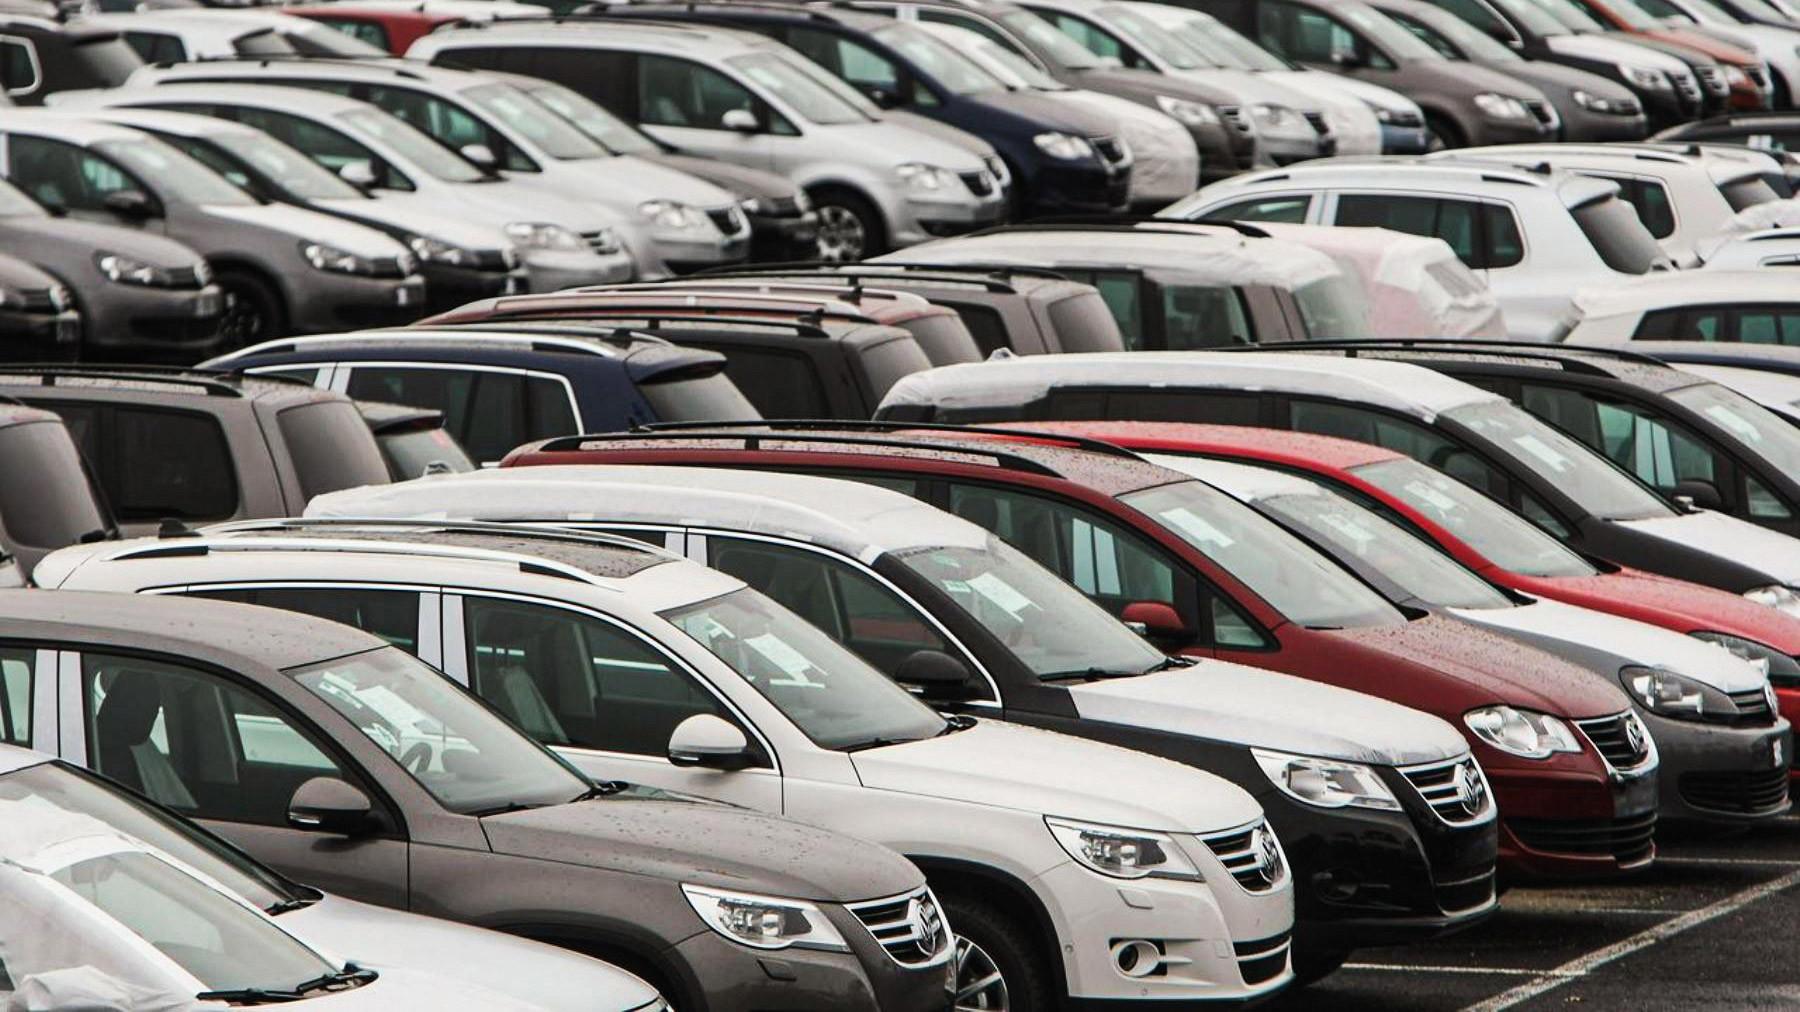 mercado-de-vehiculos-caera-menos-de-lo-esperado-por-vehiculos-de-menor-ticket